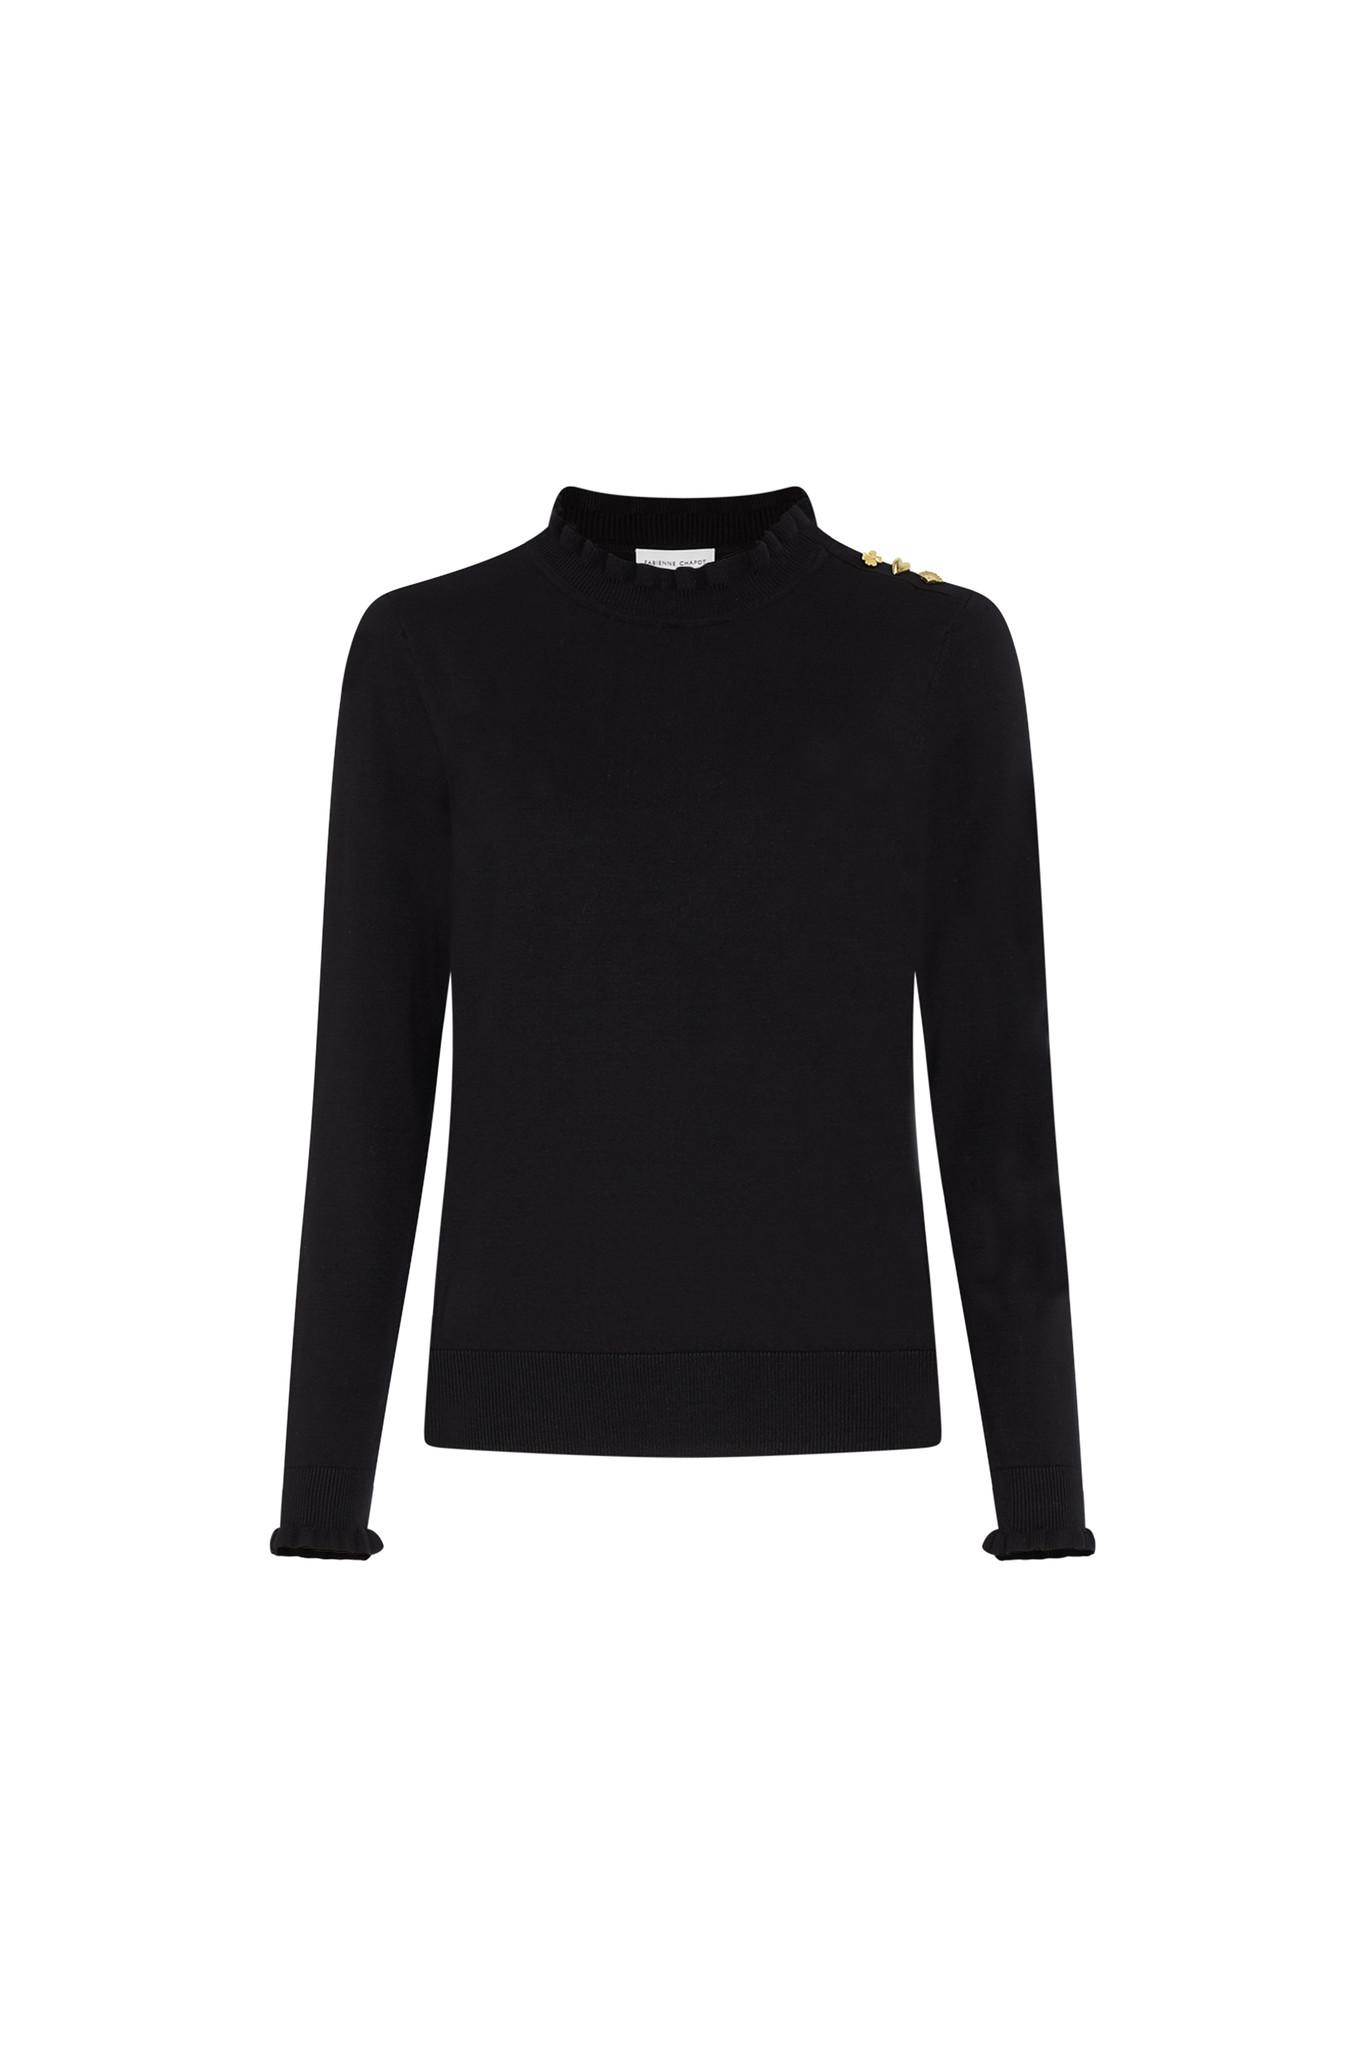 Fabienne Chapot Pullover CLT-144-PUL-1